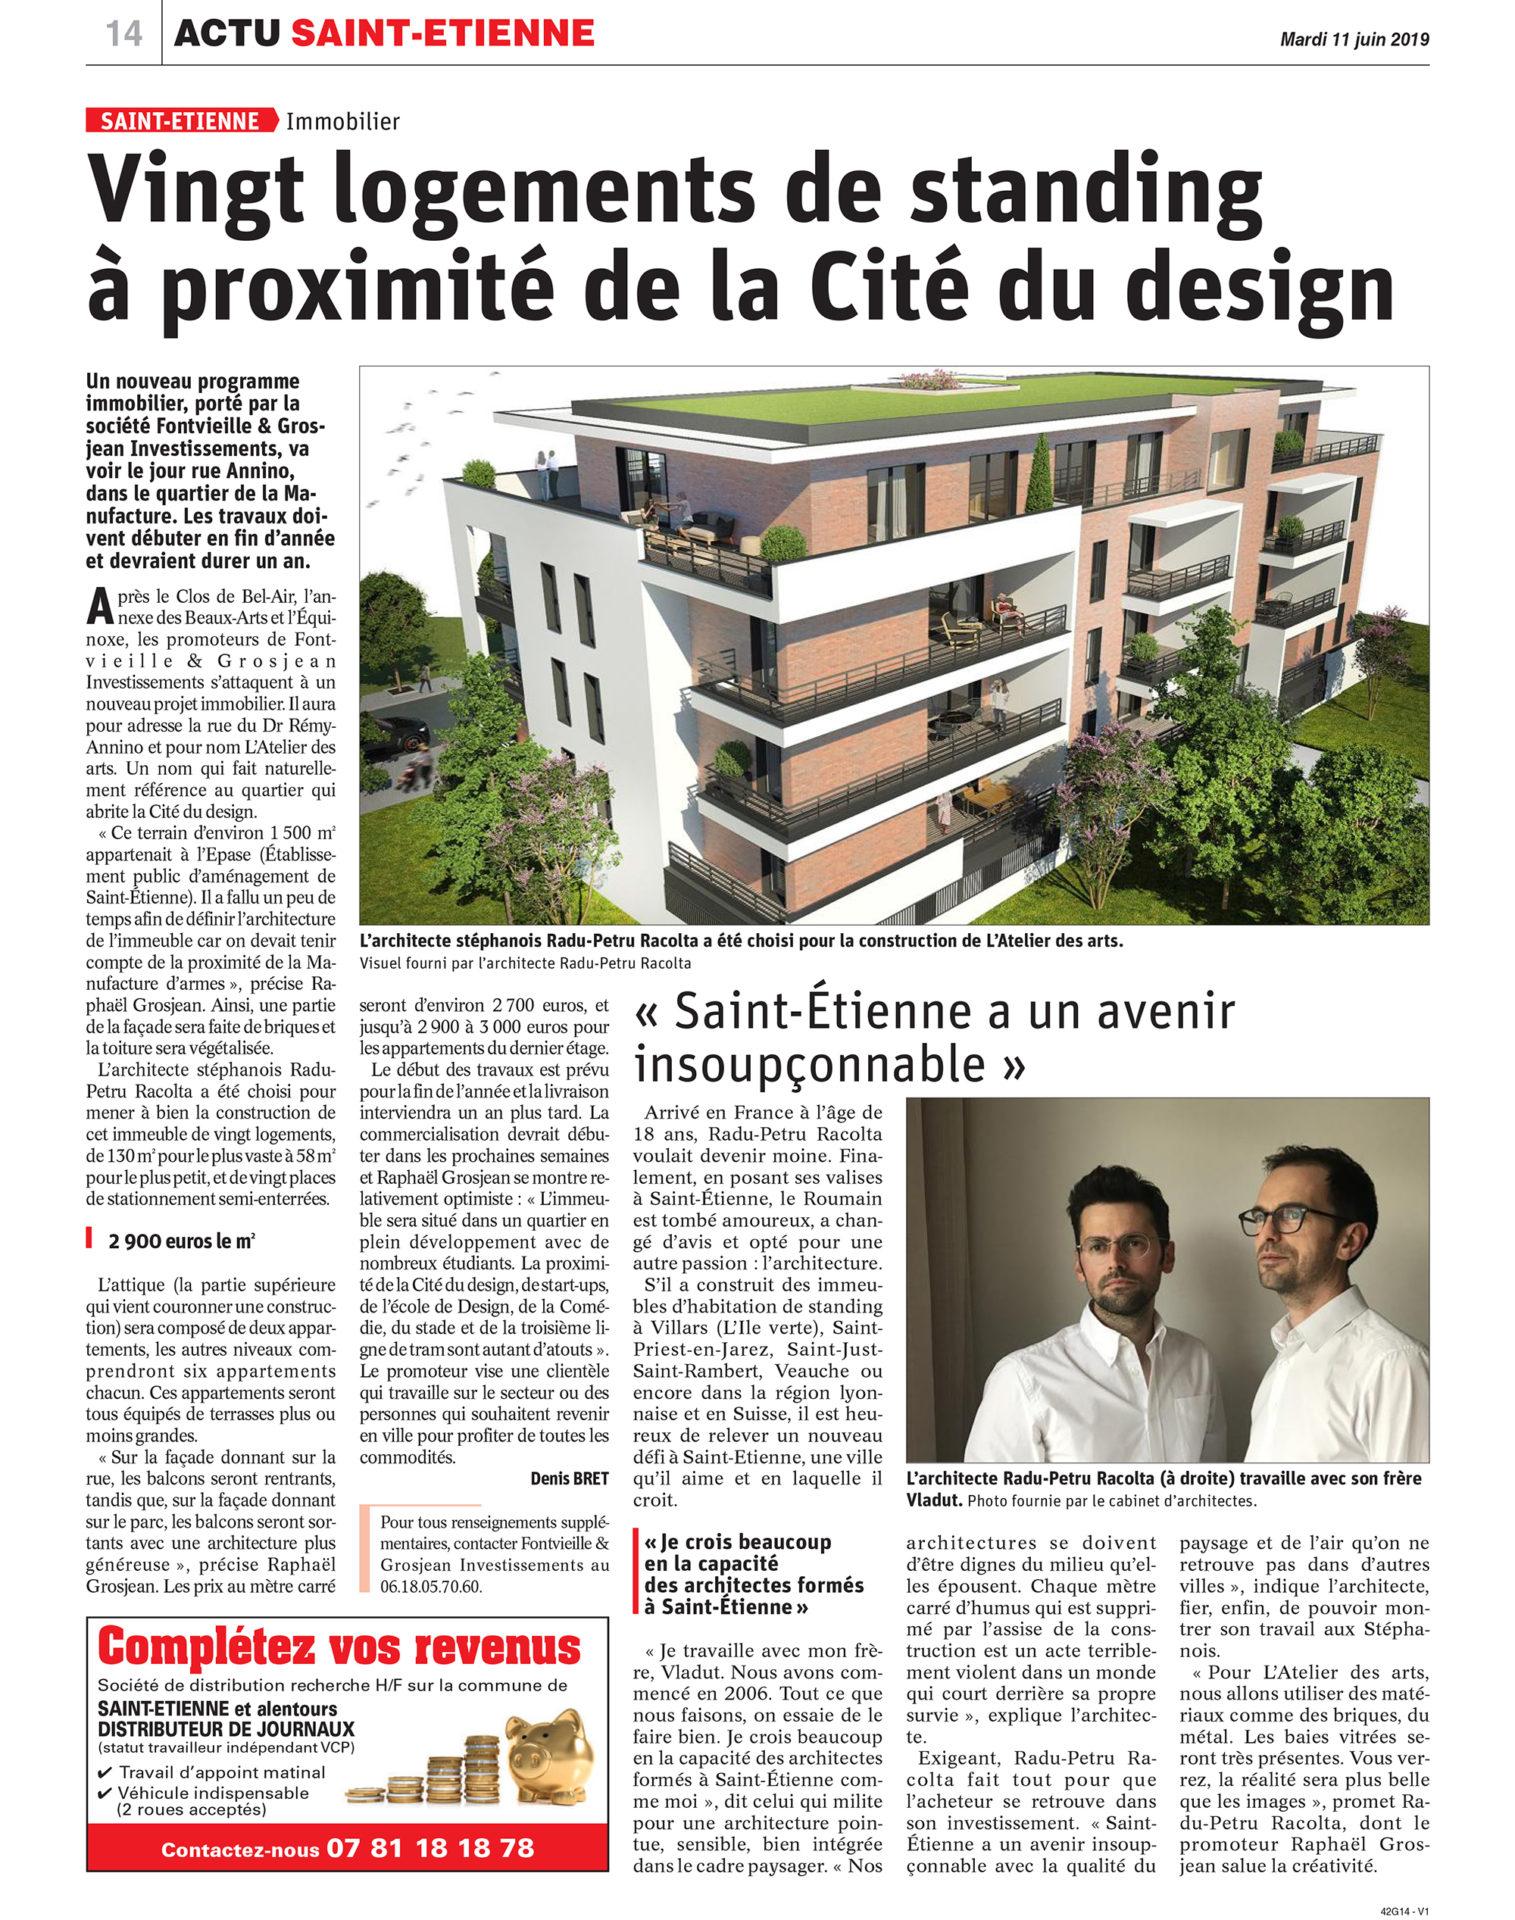 Article dans Actu Saint-Etienne